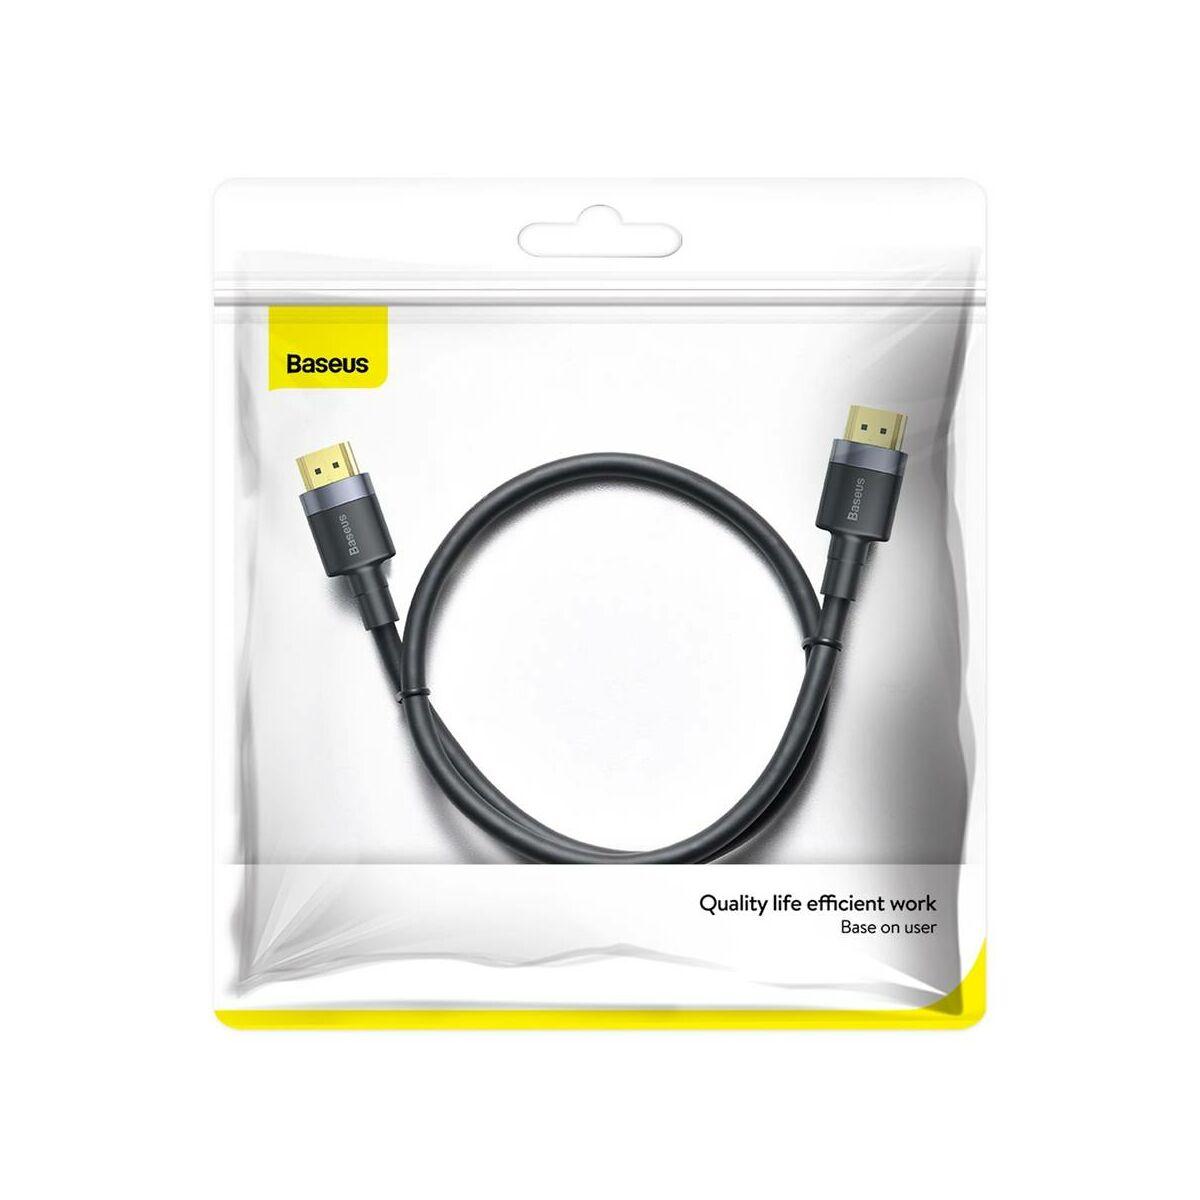 Baseus Video kábel, Cafule 4KHDMI [apa] - 4KHDMI [apa] 1m, fekete (CADKFL-E01)